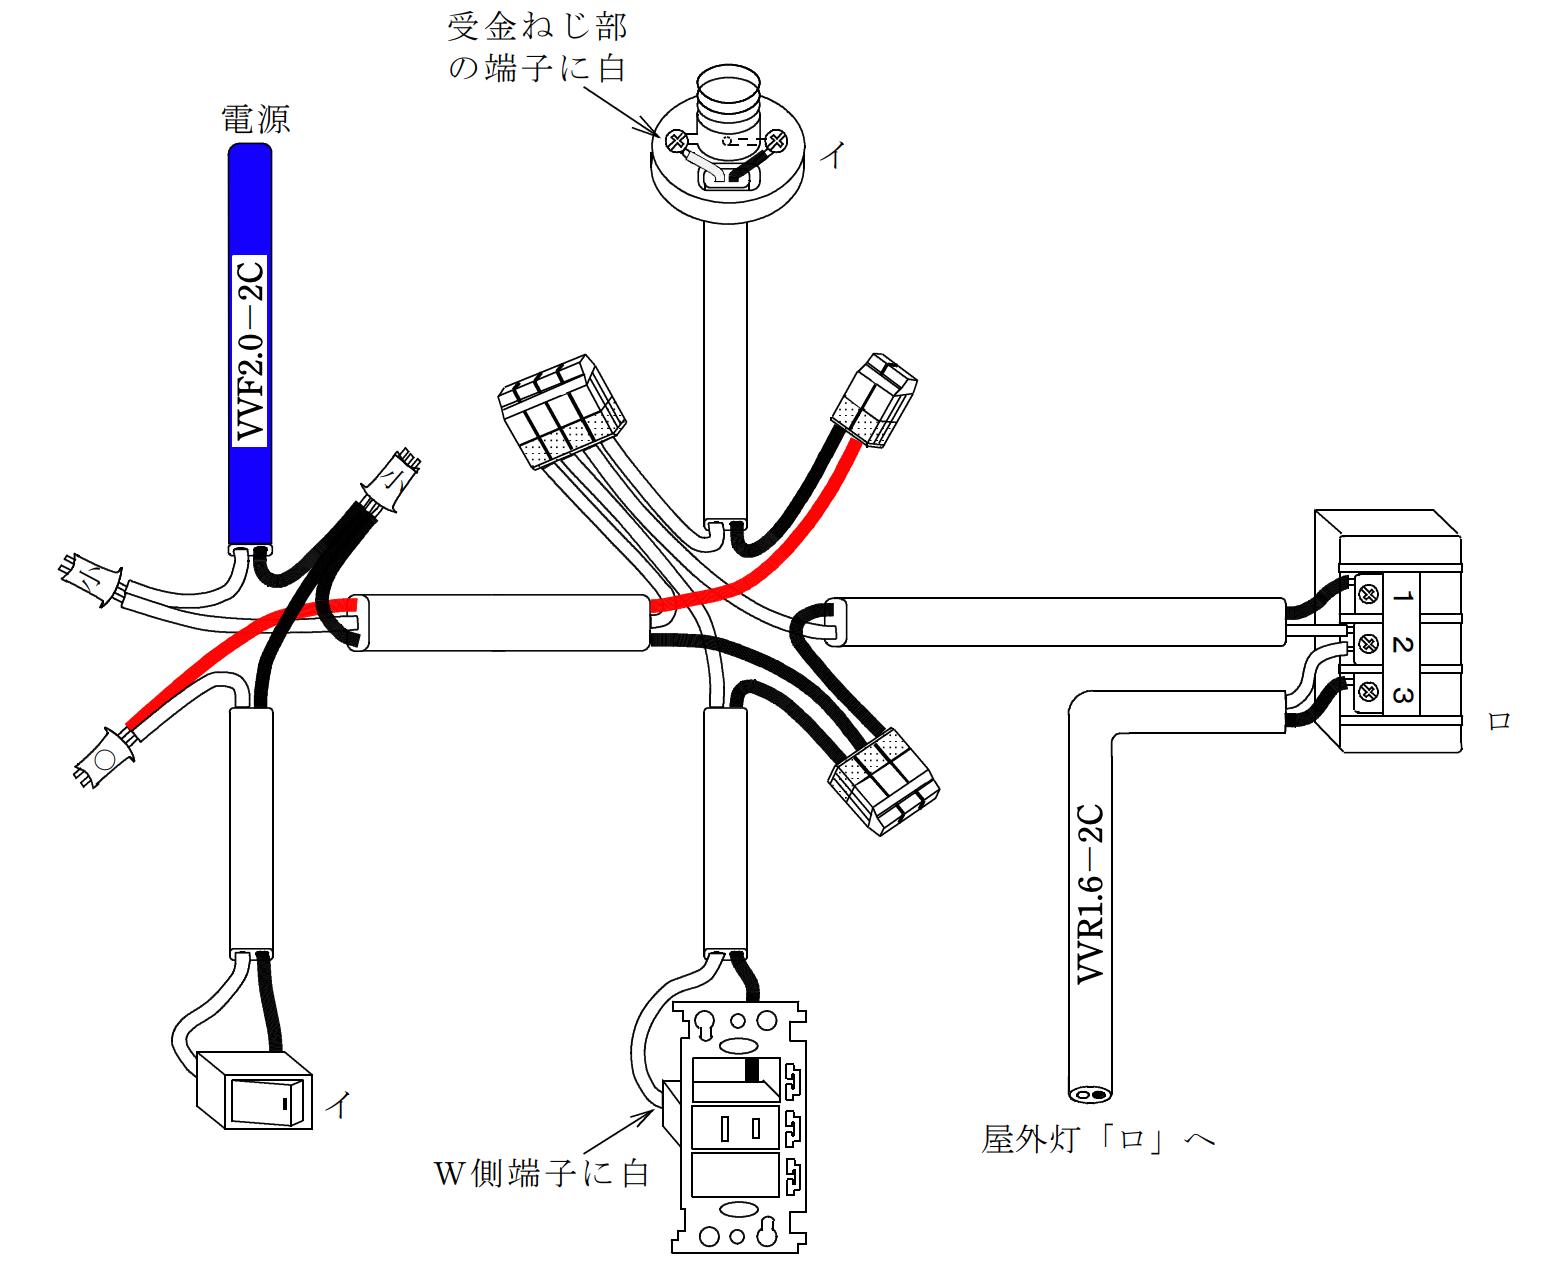 第二種電気工事士の技能試験の試験問題No.13の概念図